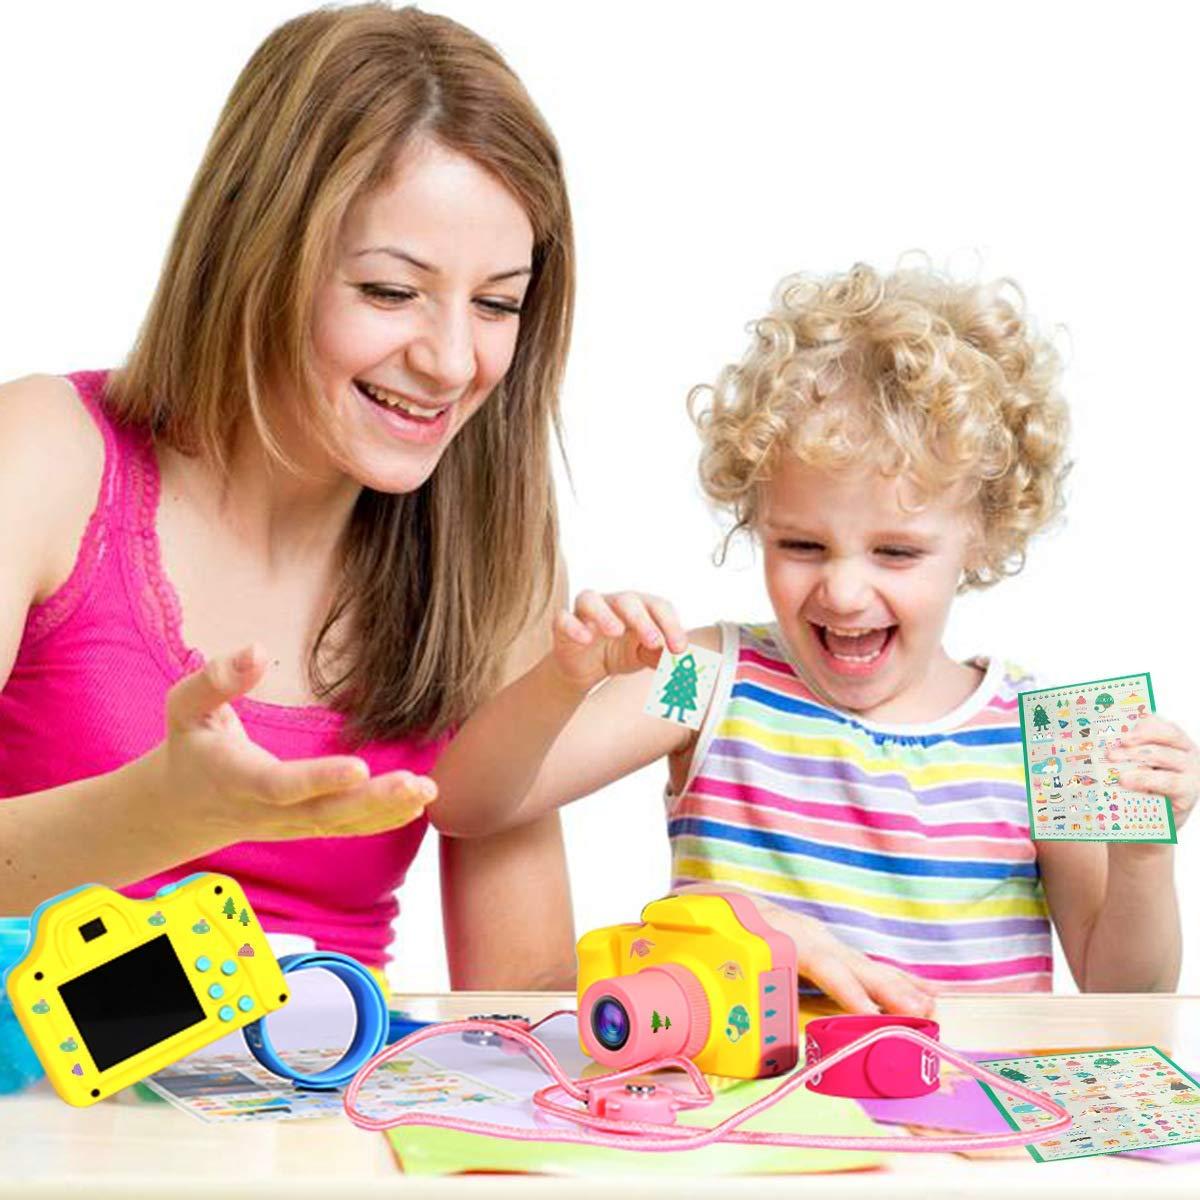 ZEERKEER HD Mini Digital Video Cameras,Kids Childrens Point and Shoot Digital Video Camera Recorders Cute Birthday for Kids (Pink) by ZEERKEER (Image #1)